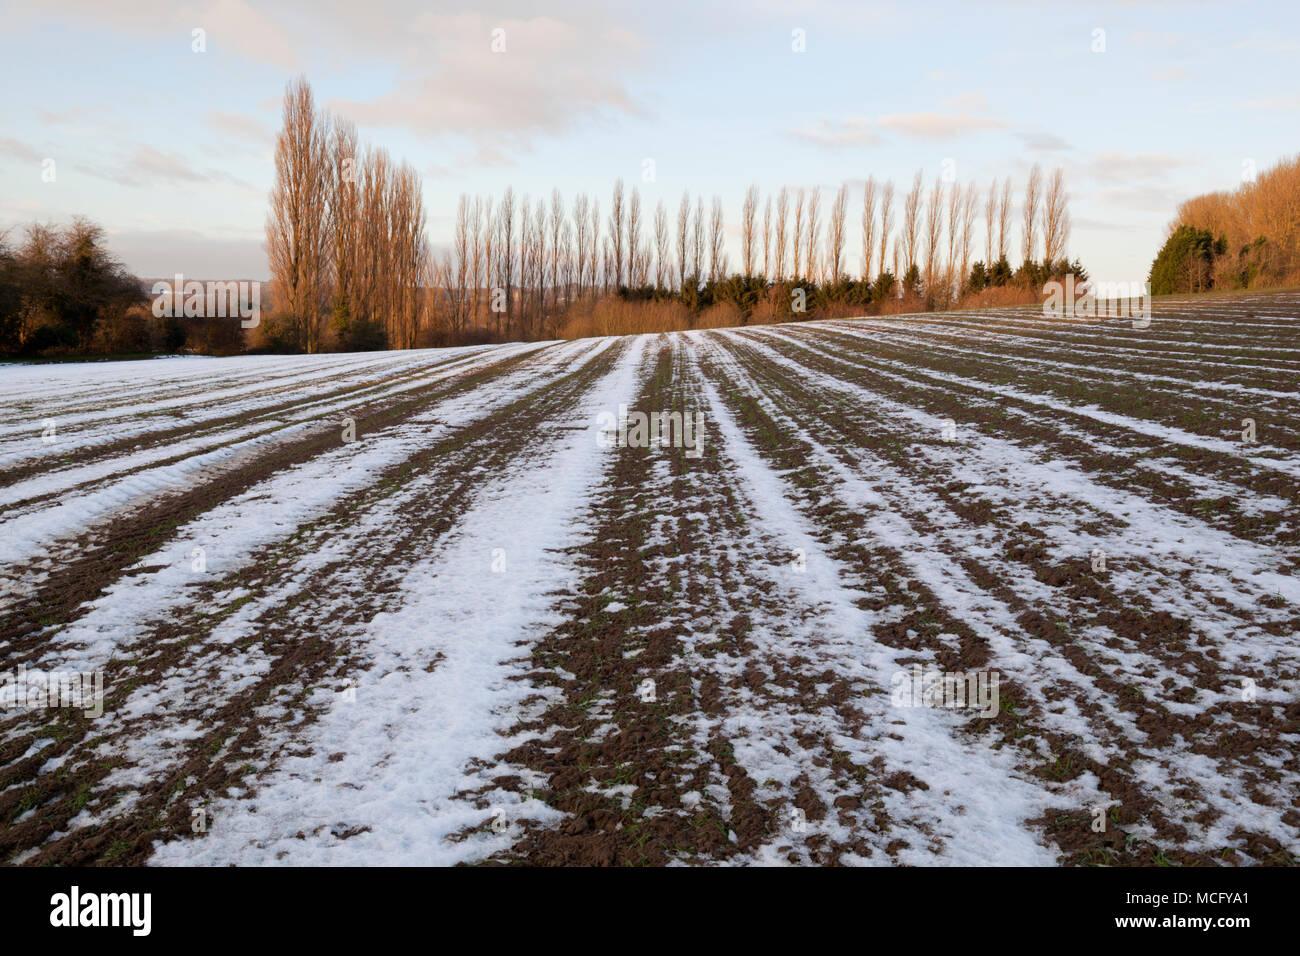 Schmelzender Schnee in Furchen in gepflügten Feldes mit bloßen Pappeln in Distanz, Ebrington, Cotswolds, Gloucestershire, England, Vereinigtes Königreich, Europa Stockbild